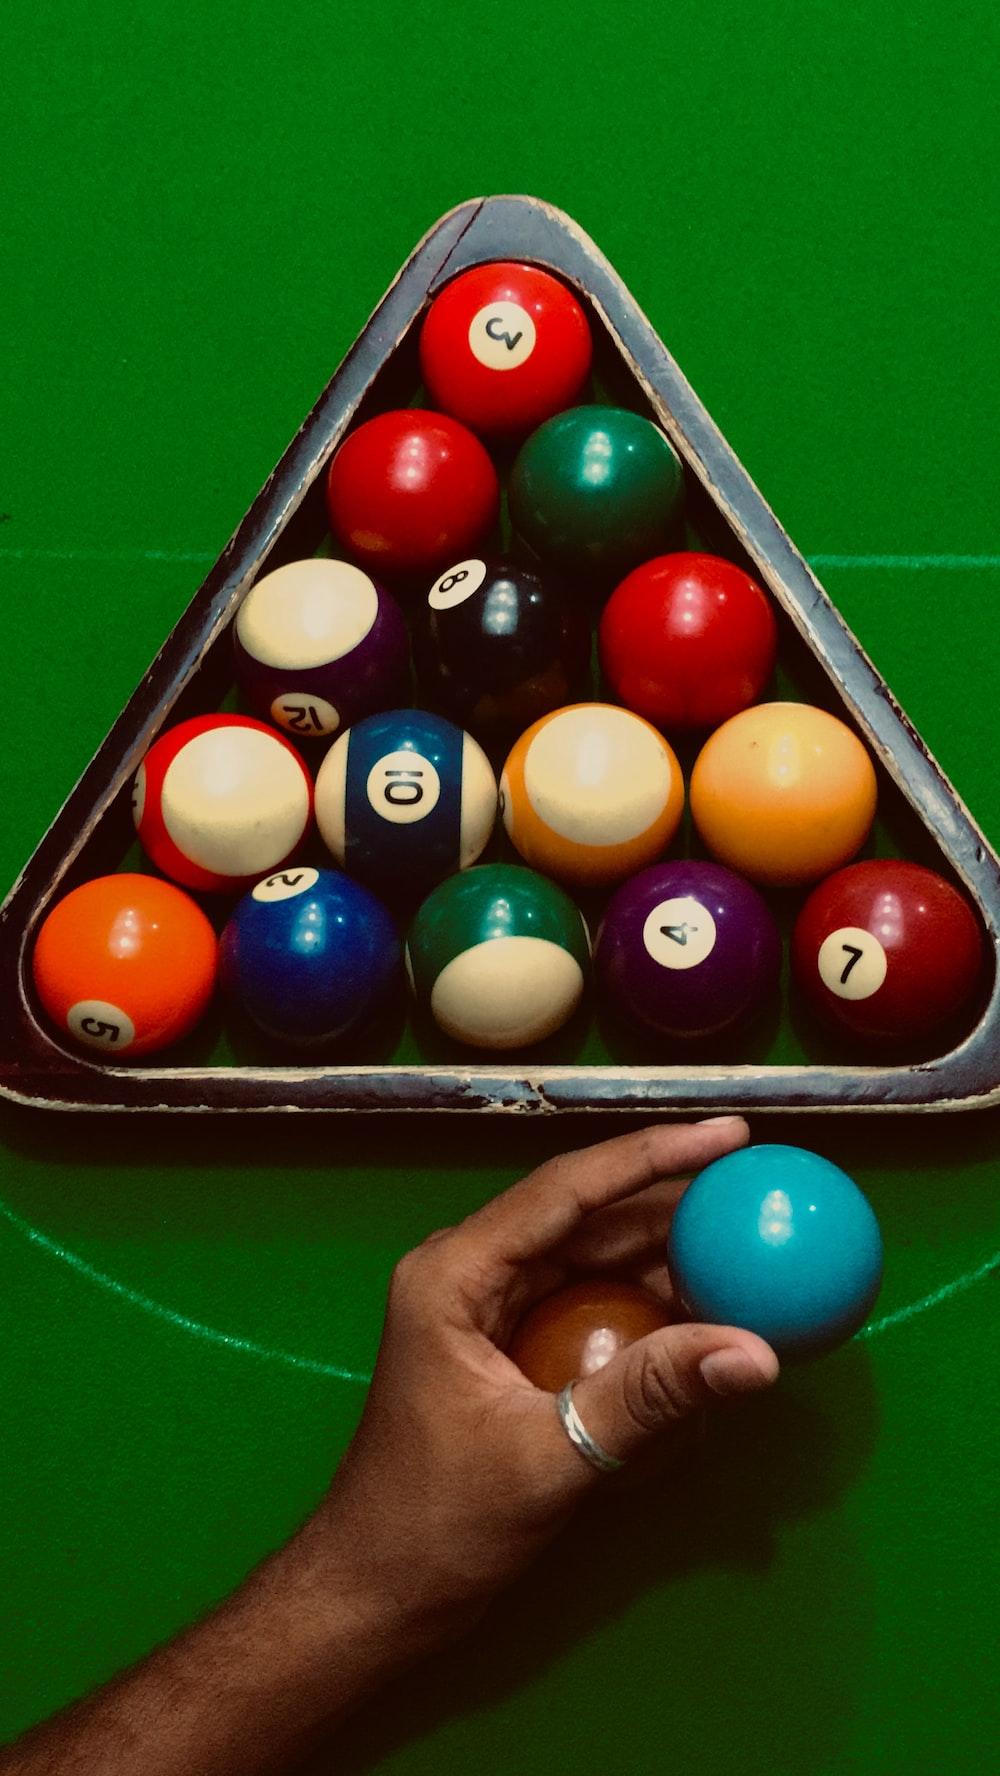 8 pool ball set